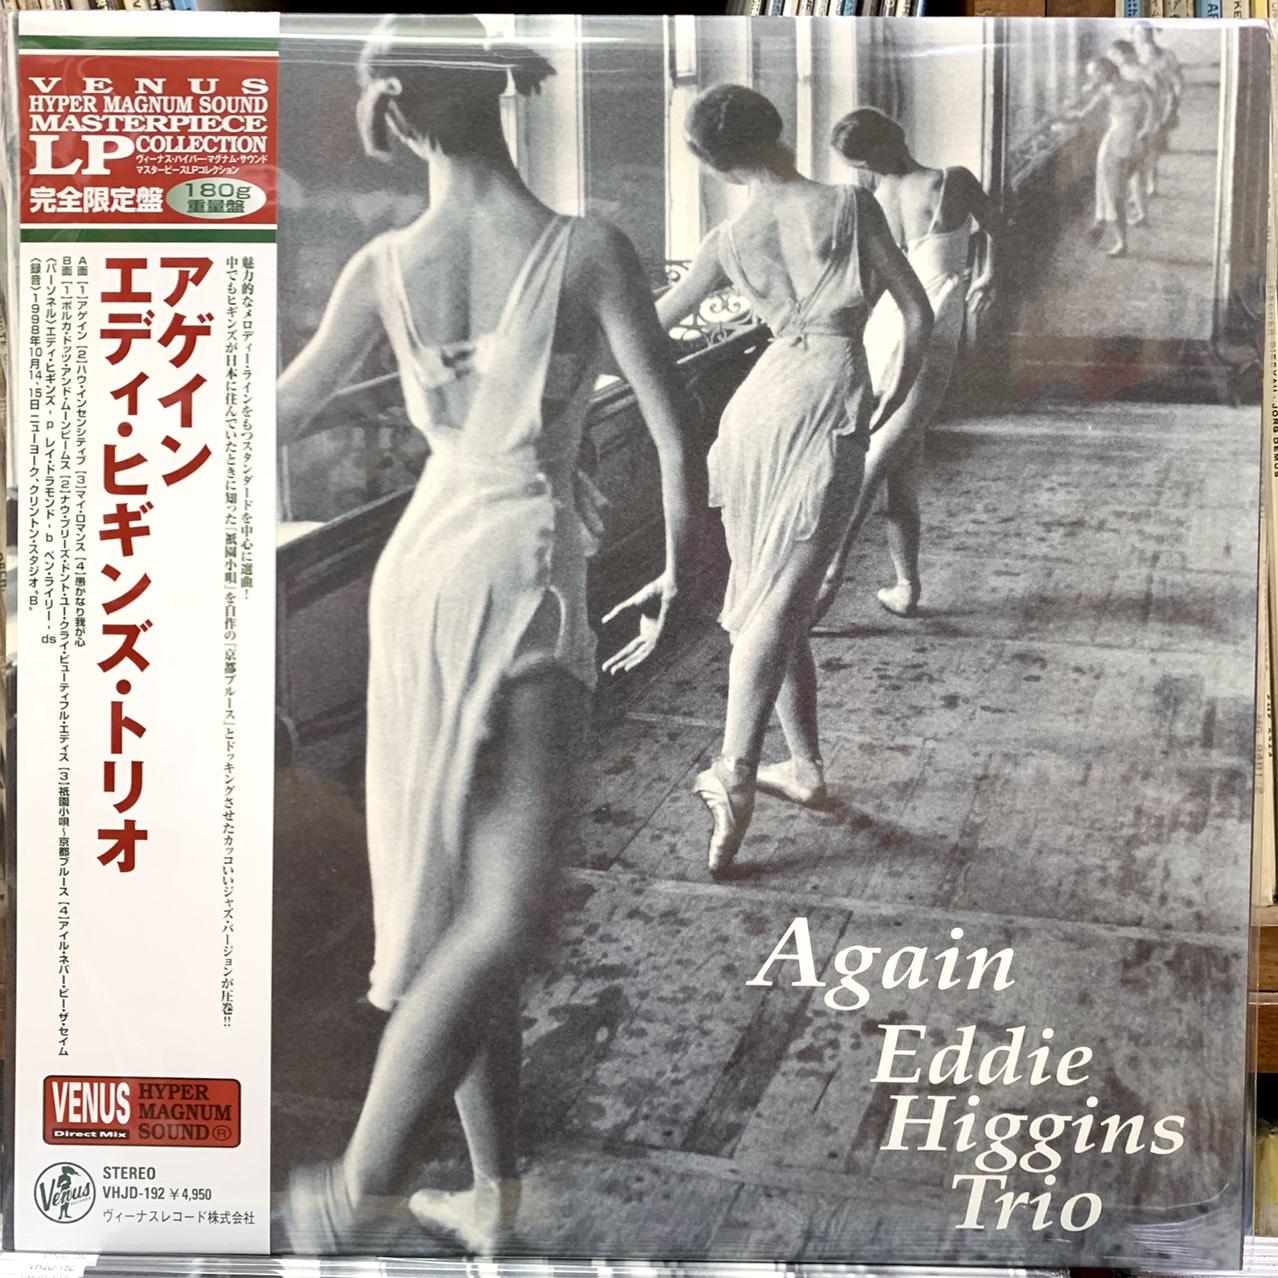 dia-than-vinyl-again-eddie-higgins-trio